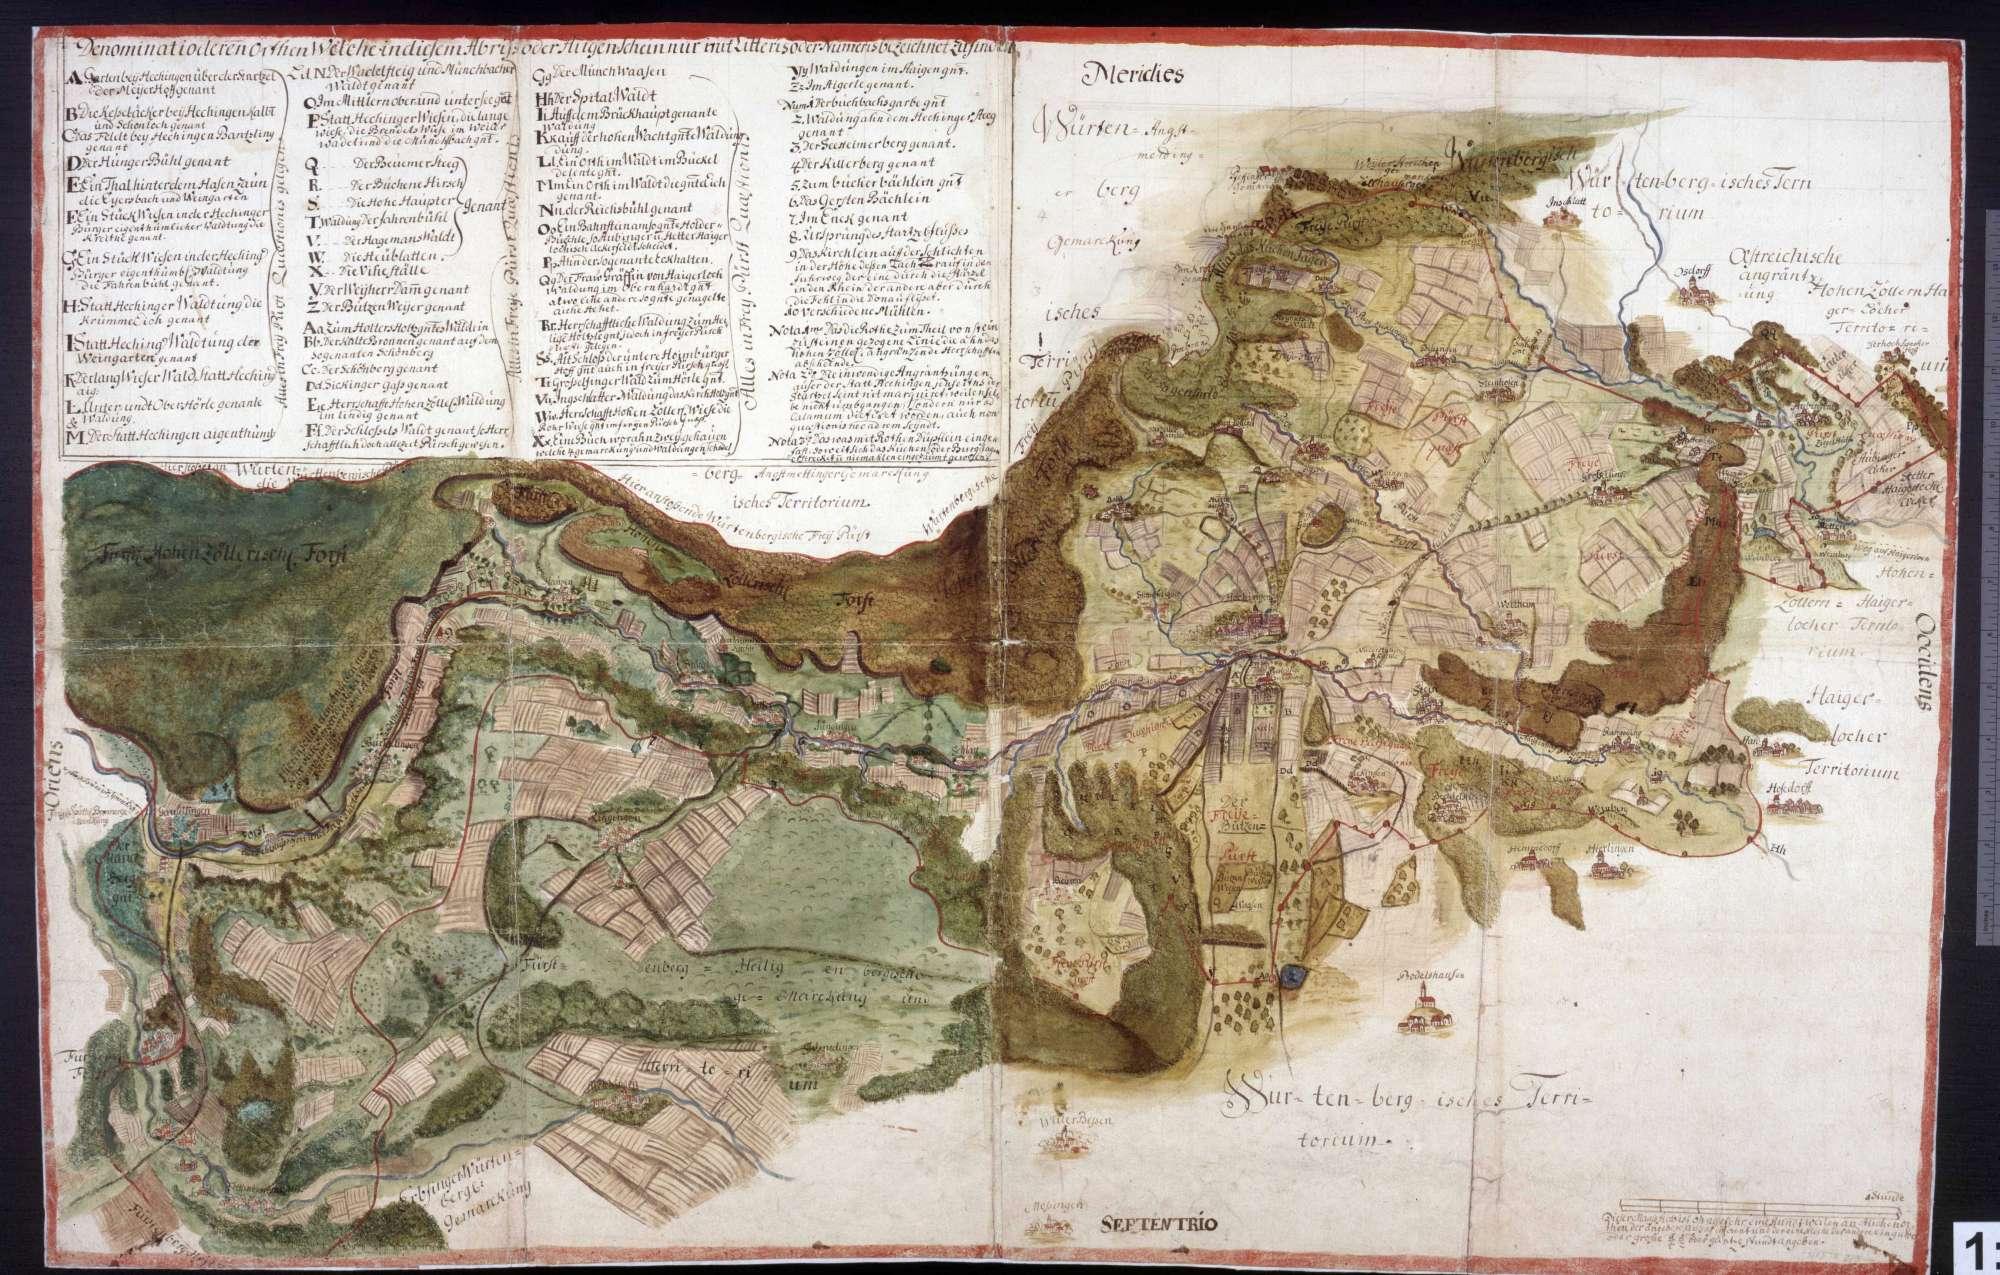 Territorium von Hohenzollern-Hechingen, Bild 1